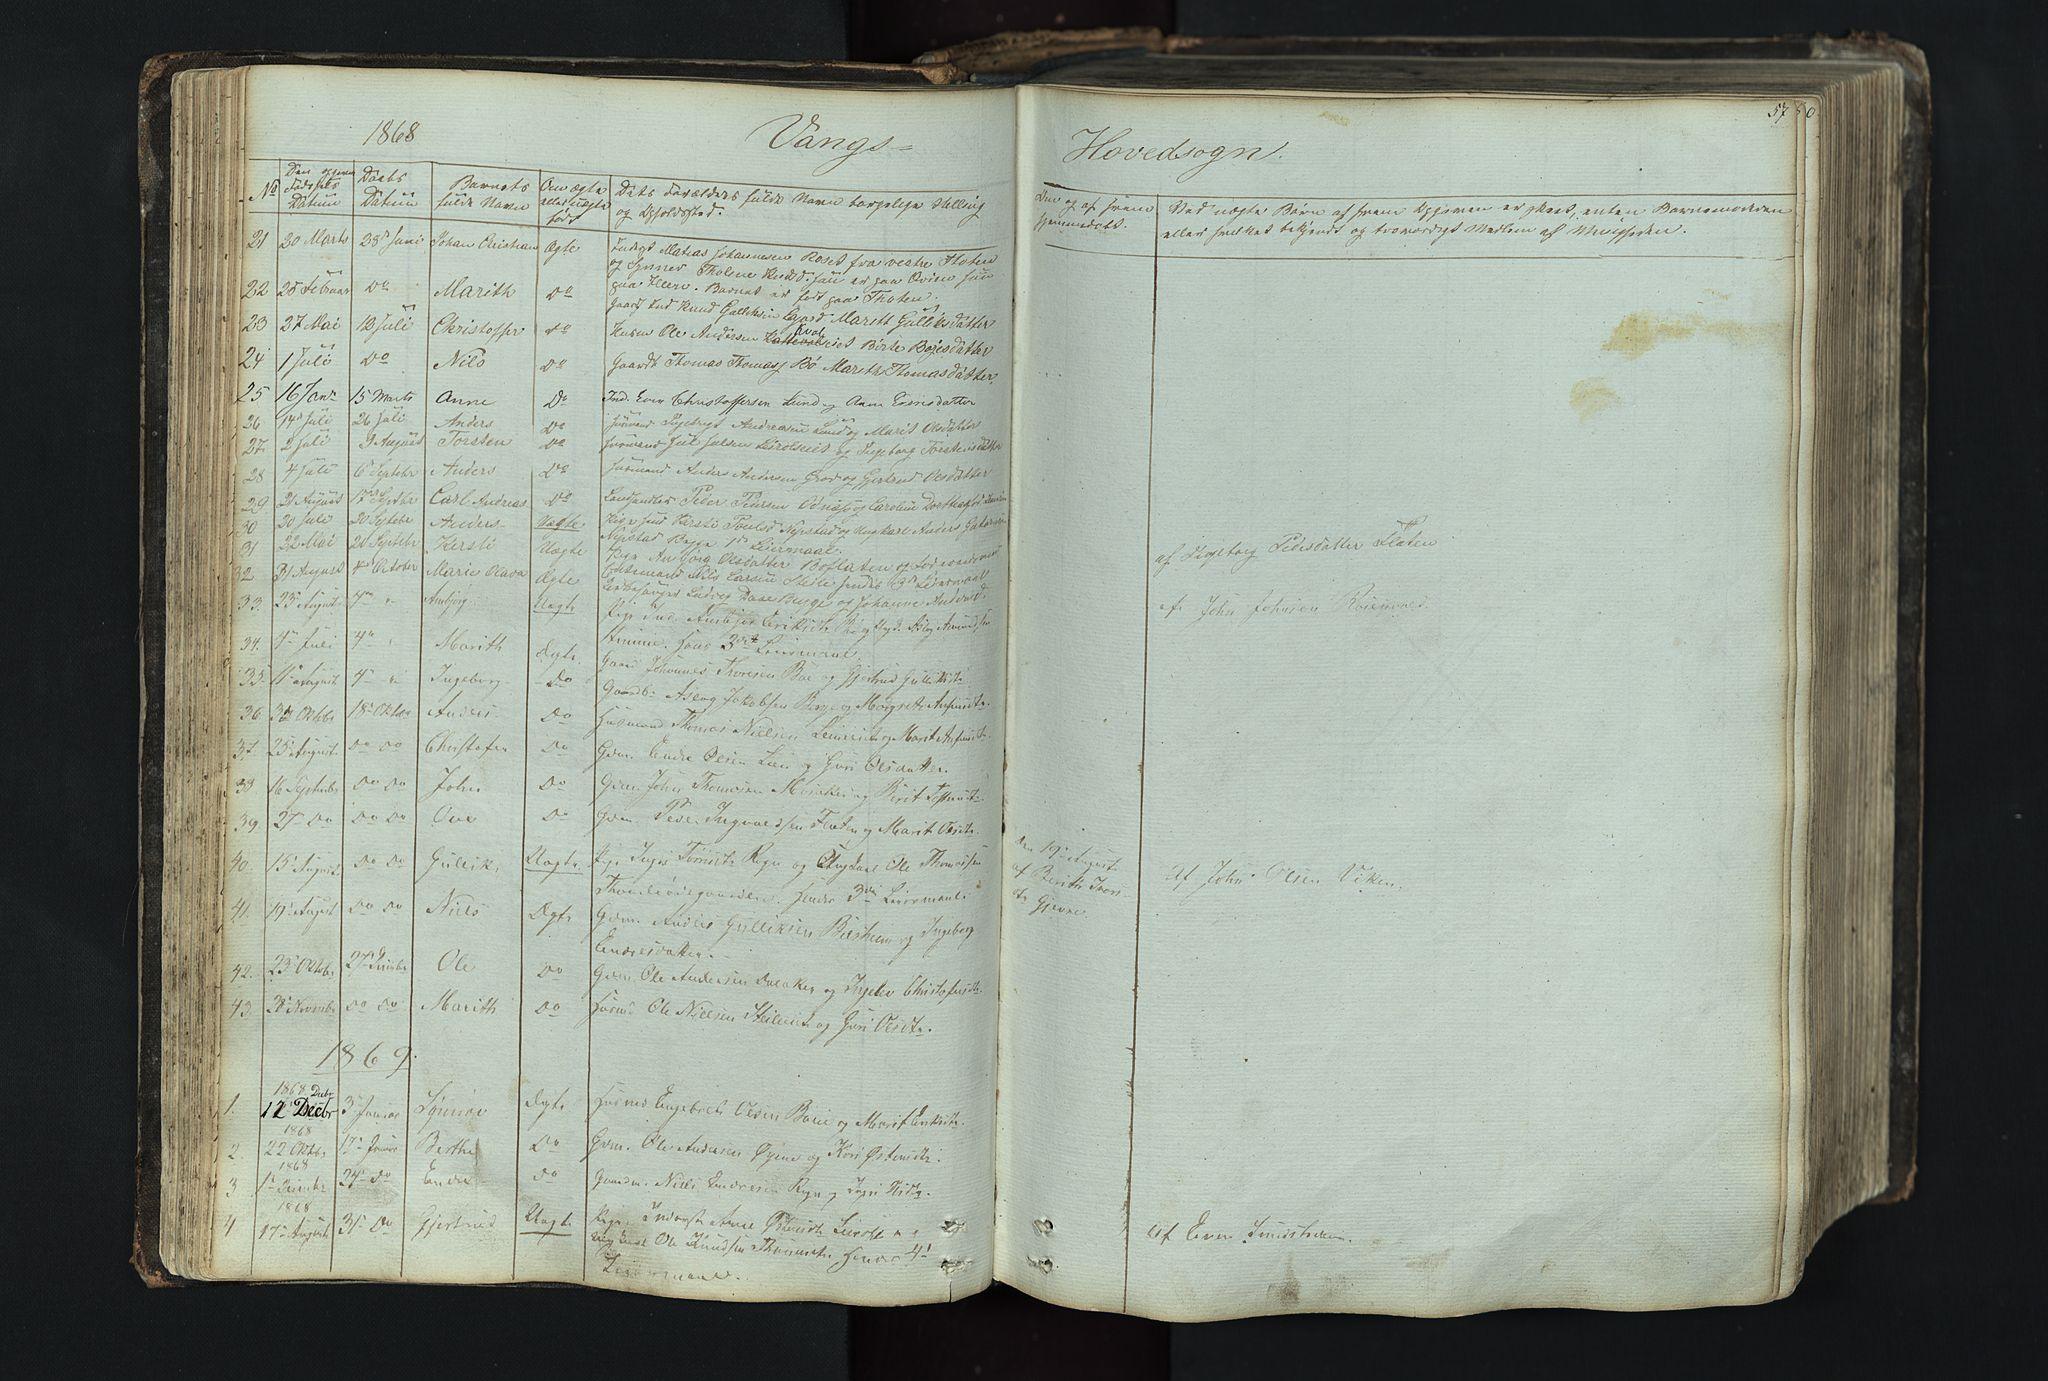 SAH, Vang prestekontor, Valdres, Klokkerbok nr. 4, 1835-1892, s. 57